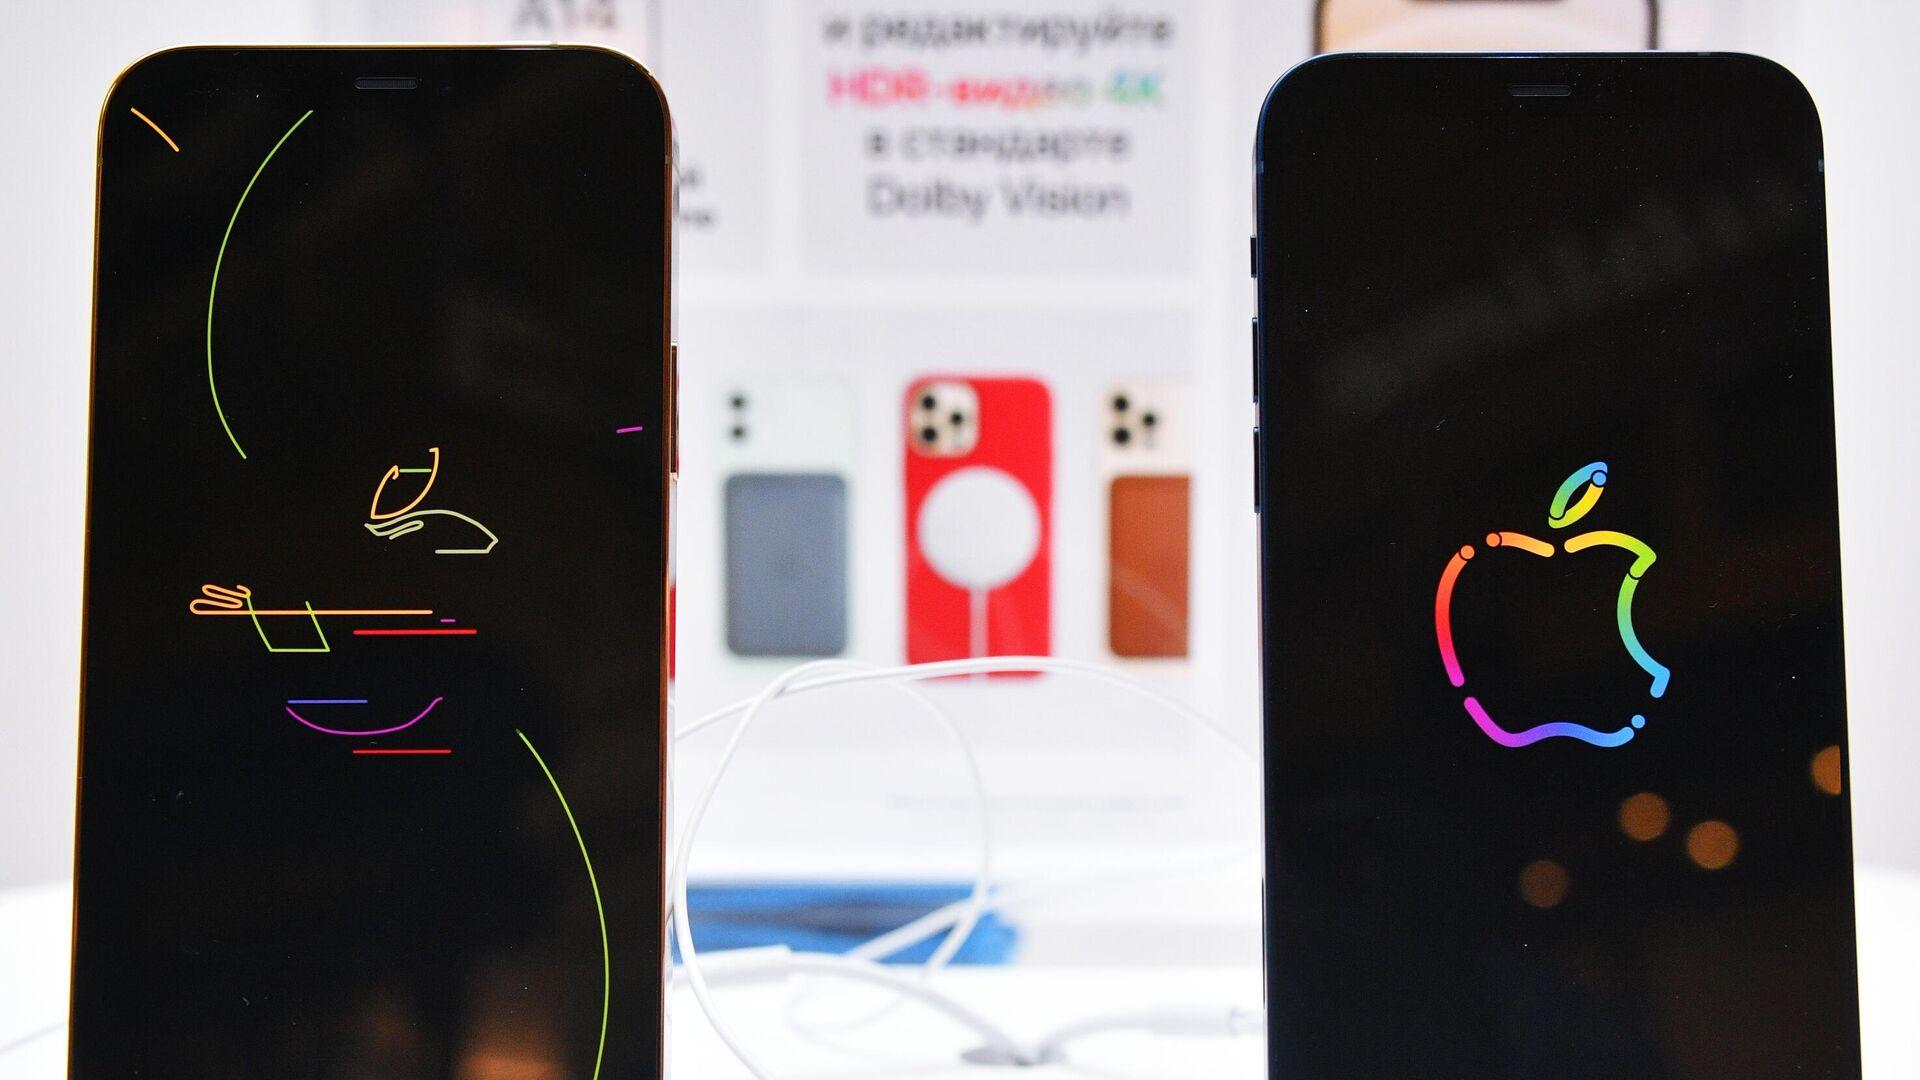 Заставки на экранах новых смартфонов компании Apple в магазине re:Store - РИА Новости, 1920, 28.01.2021